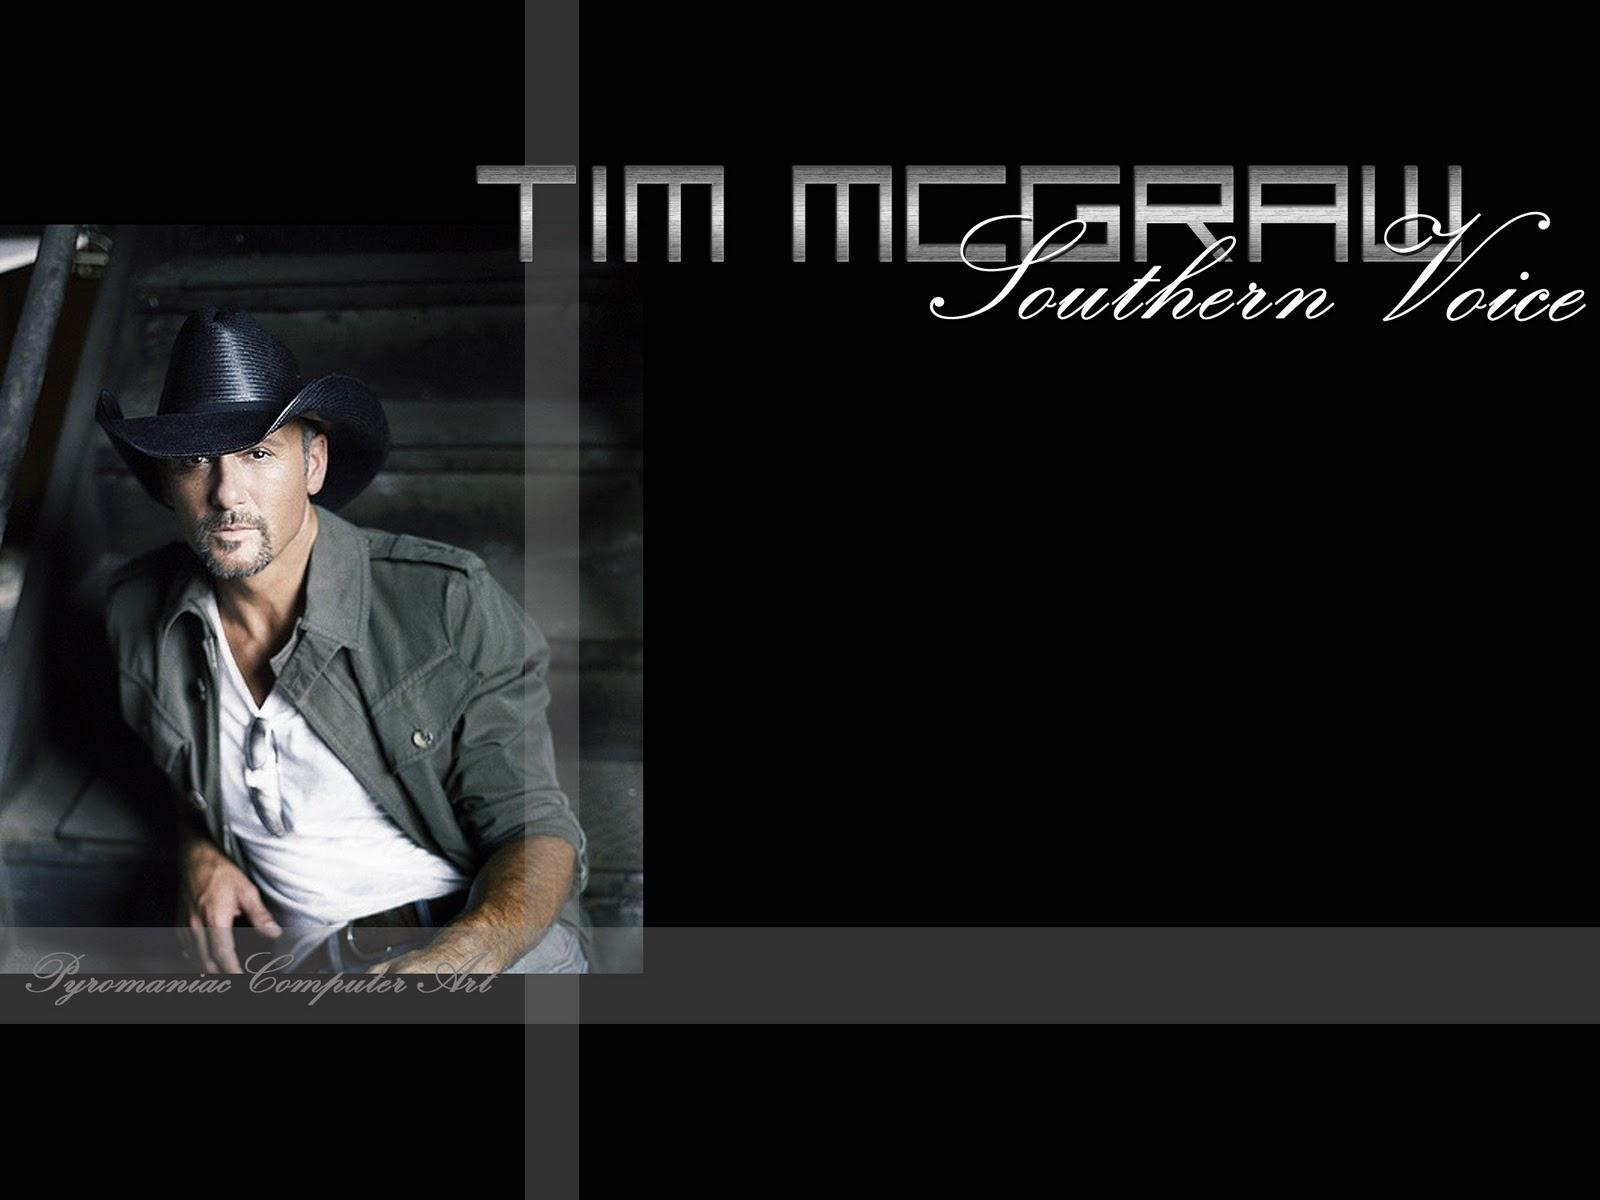 Pyromaniac Art Tim McGraw Wallpaper Southern Voice 1600x1200